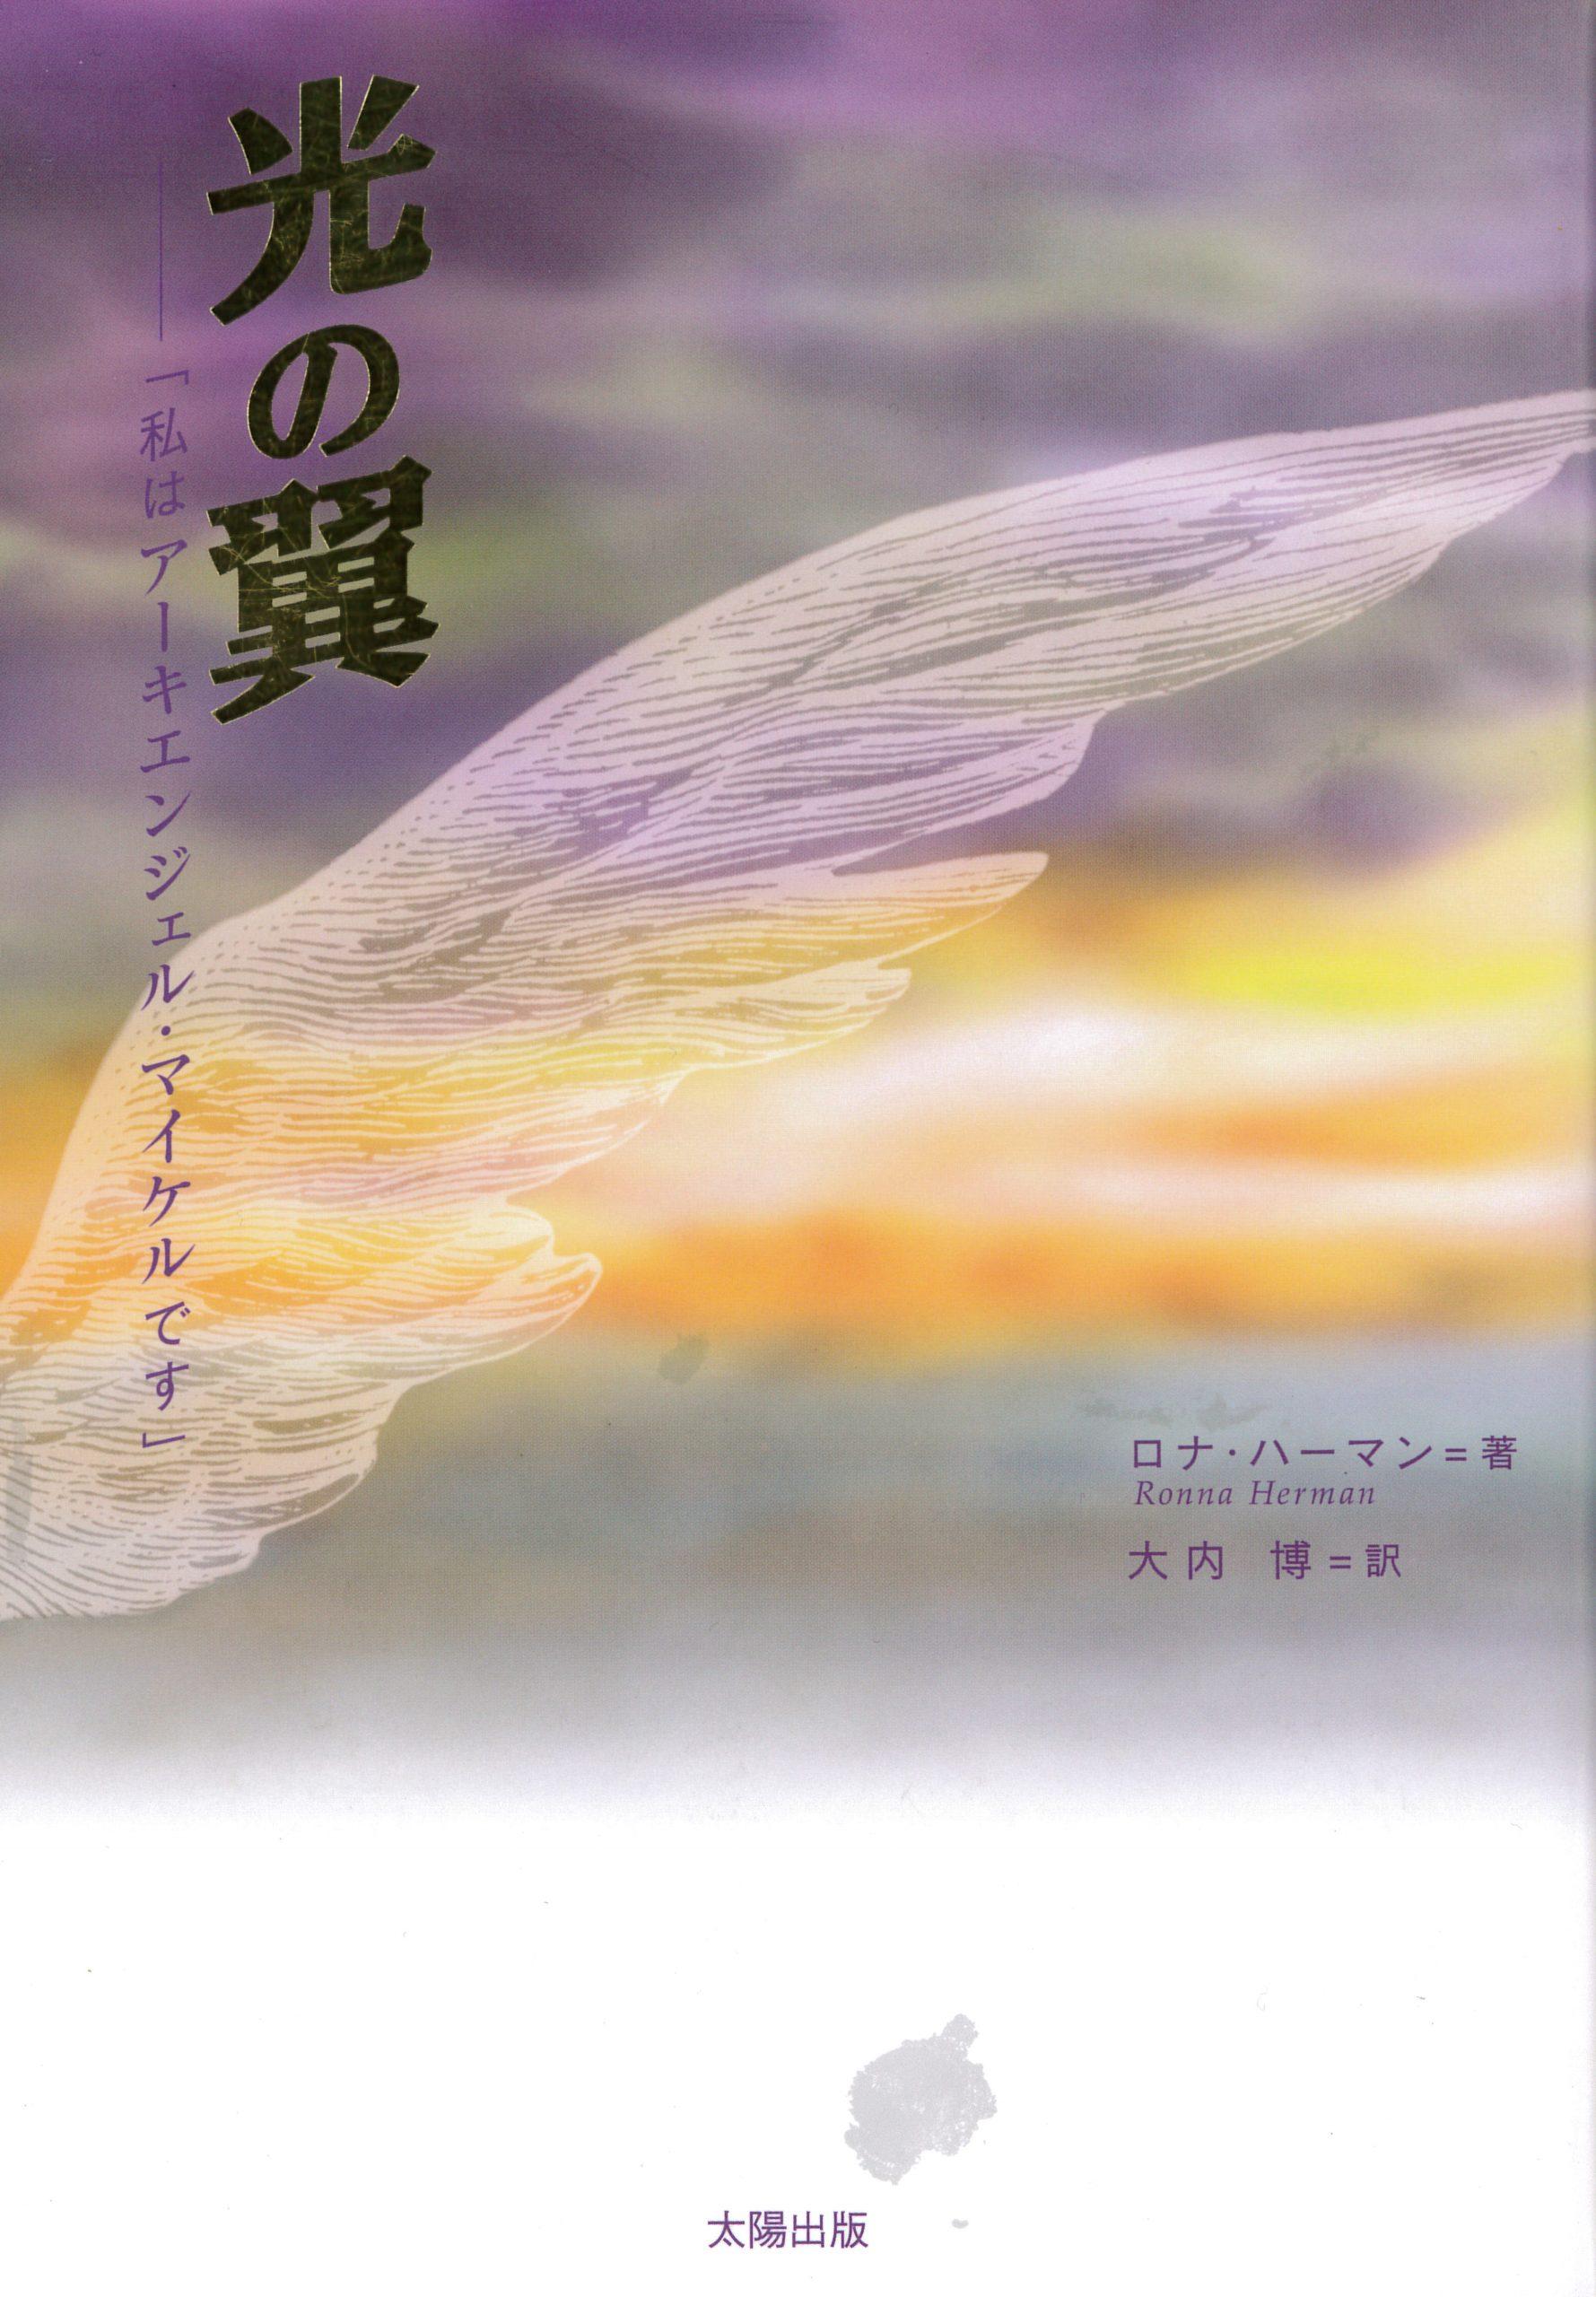 「光の翼」(ロナ・ハーマン著)の表紙